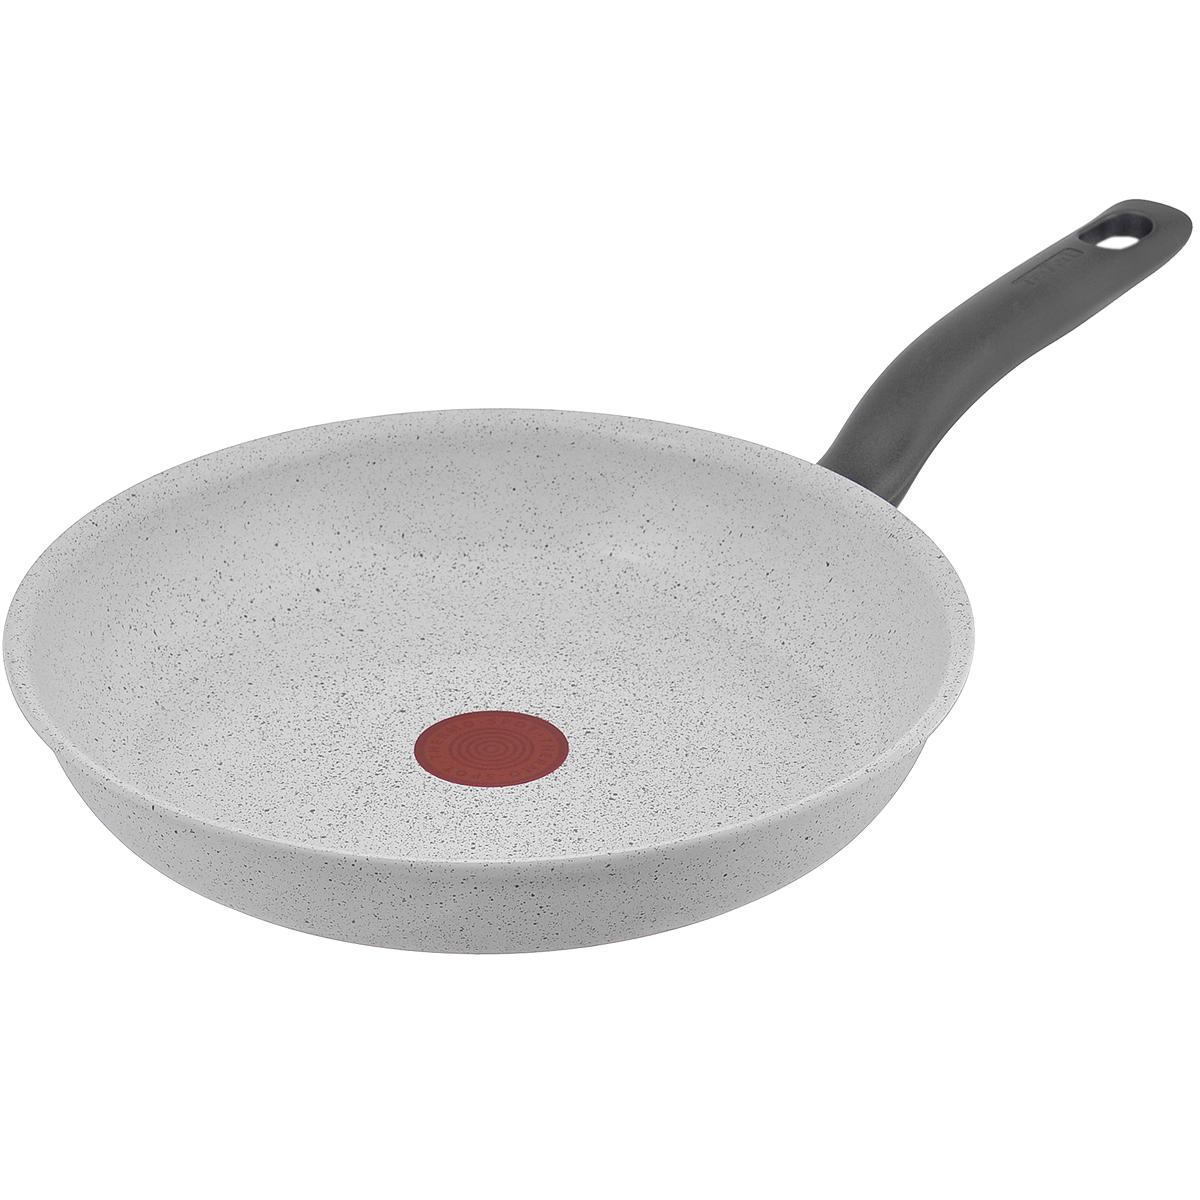 Сковорода Tefal Meteor, с керамическим покрытием, цвет: белый. Диаметр 26 см2100086787Сковорода Tefal Meteor изготовлена из алюминия с высококачественным керамическим минеральным покрытием. Сверхтвердая поверхность устойчива к появлению царапин и отличается особой прочностью, поэтому можно использовать металлические лопатки. На посуде с таким покрытием пищу можно готовить с минимальным добавлением подсолнечного масла, пища не пригорает и не прилипает к стенкам. После приготовления изделие очень легко моется. Кроме того, керамическое покрытие абсолютно безопасно для здоровья и экологично, так как не содержит кадмия, свинца и вредной примеси PFOA. Изделие подлежит переработке. Вся посуда Tefal оснащена уникальным индикатором Thermo-Spot. Когда надпись Thermo-Spot исчезнет, и диск станет равномерно красным, значит, сковорода нагрелась до оптимальной температуры, и можно начинать готовить. Такой индикатор поможет защитить посуду от перегрева, а значит, антипригарное покрытие прослужит вам дольше. Ручка эргономичной формы изготовлена из бакелита серого цвета....